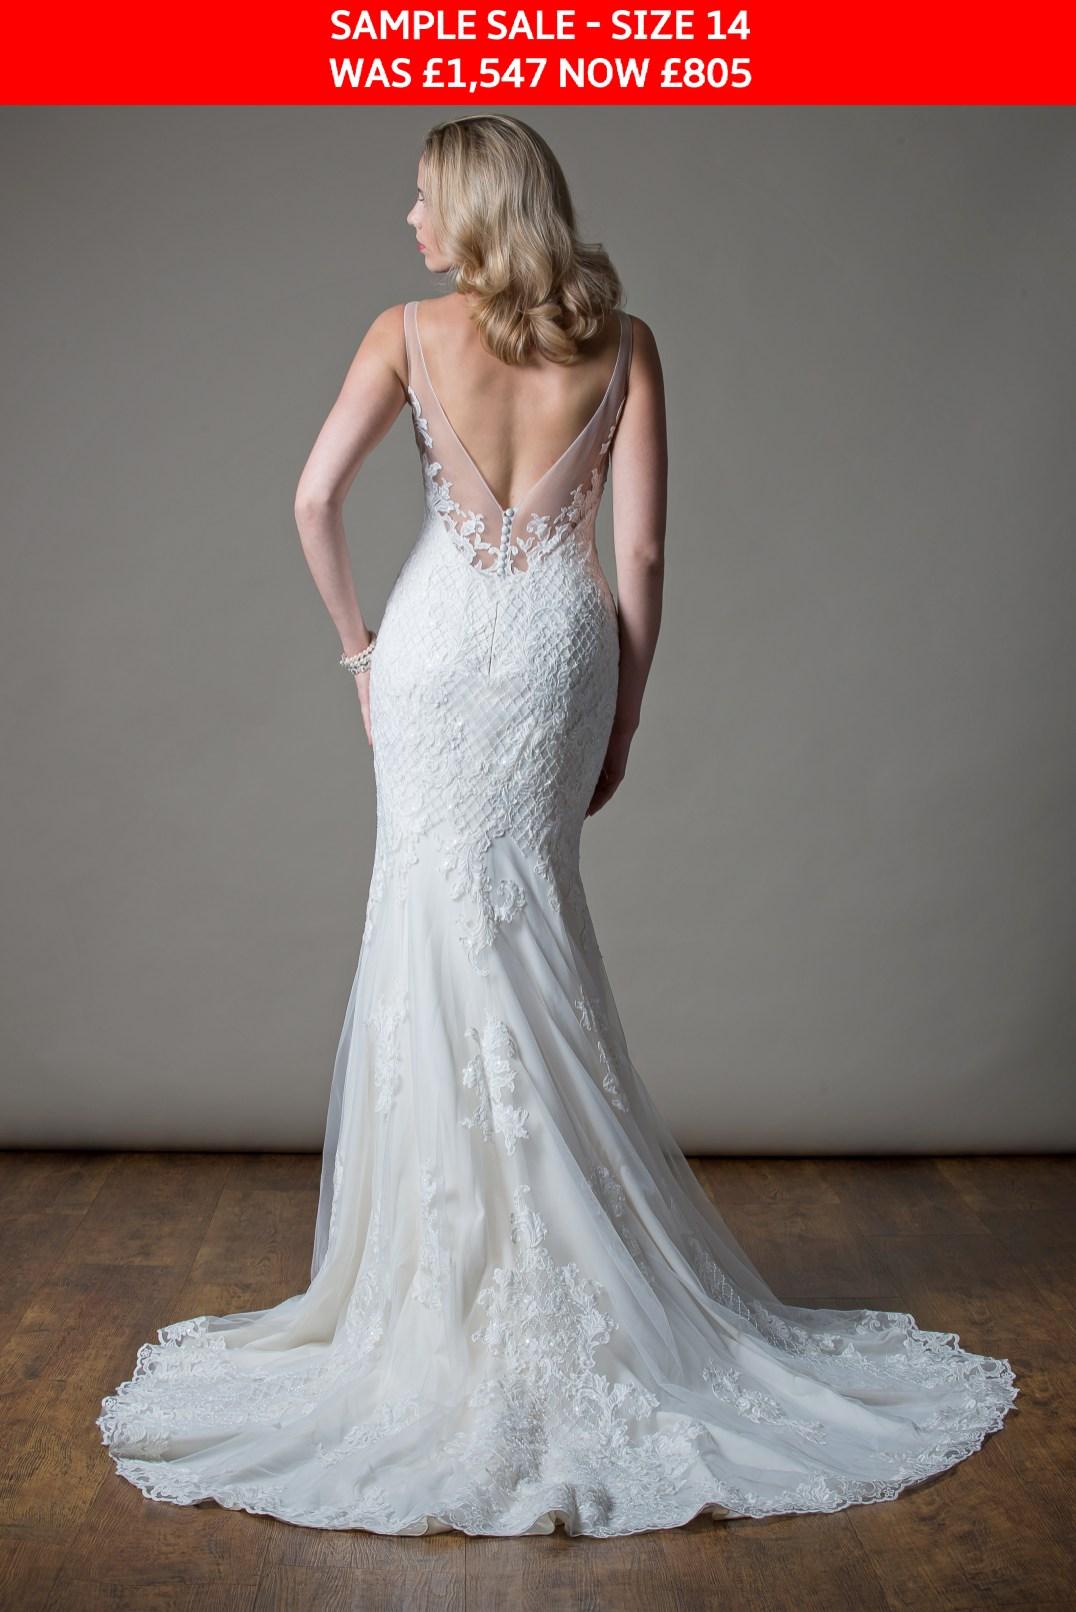 MiaMia Maude wedding gown sample sale